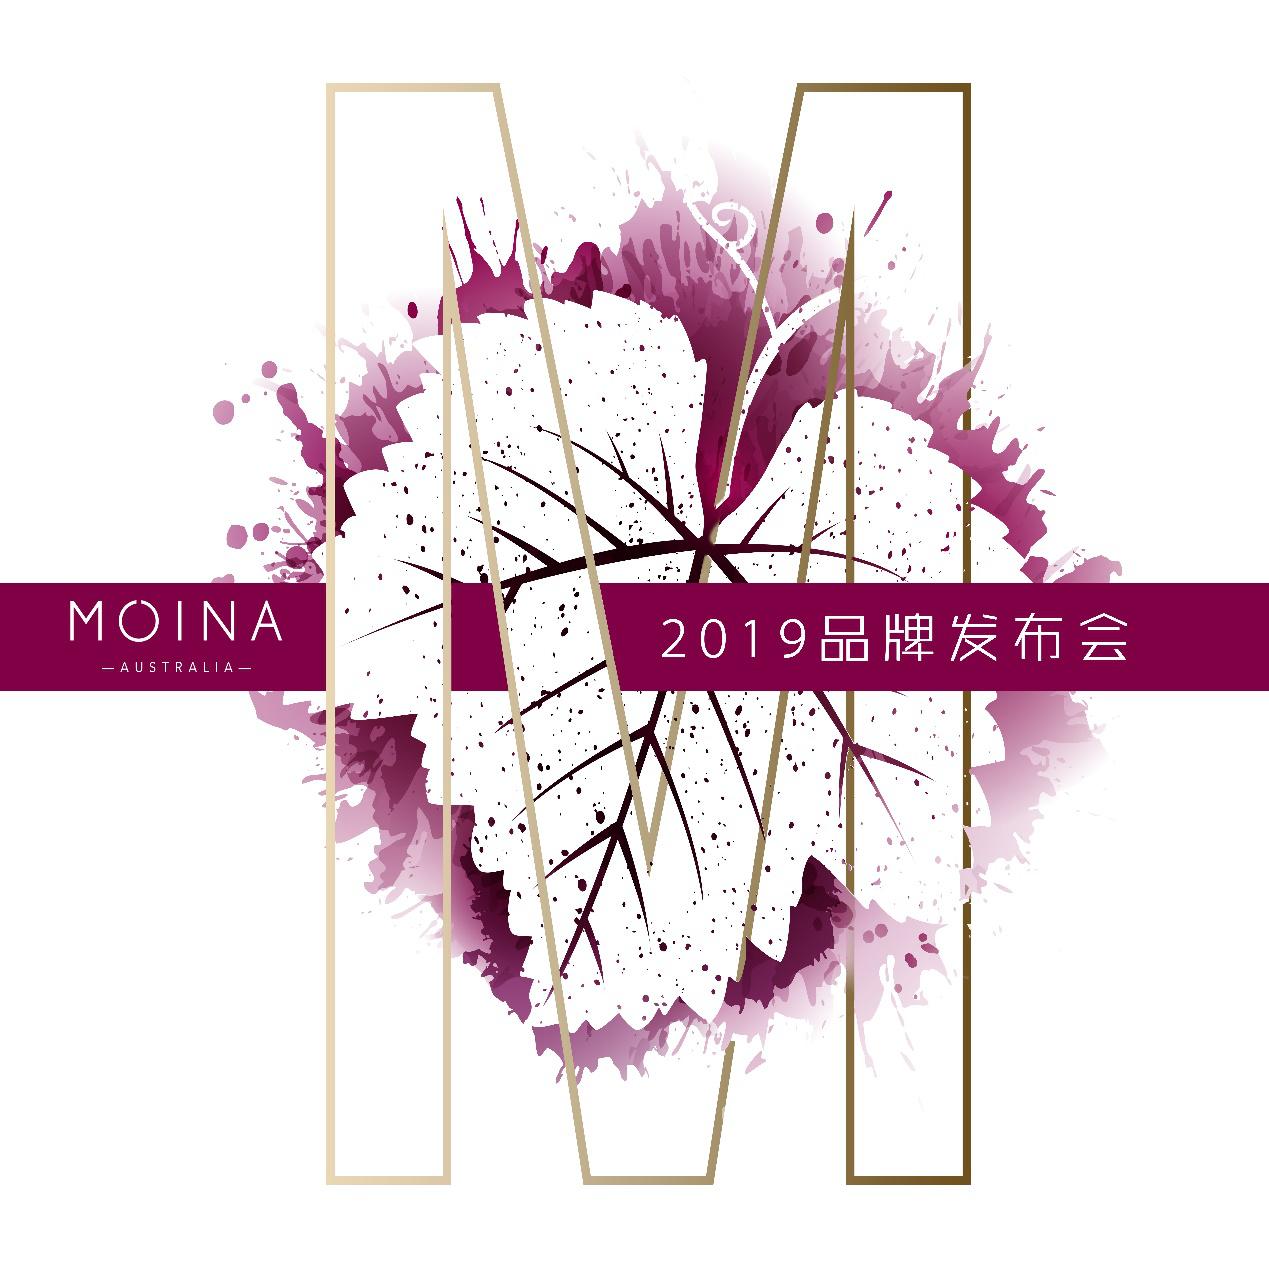 澳大利亚天然护肤品牌MOINA正式进军中国